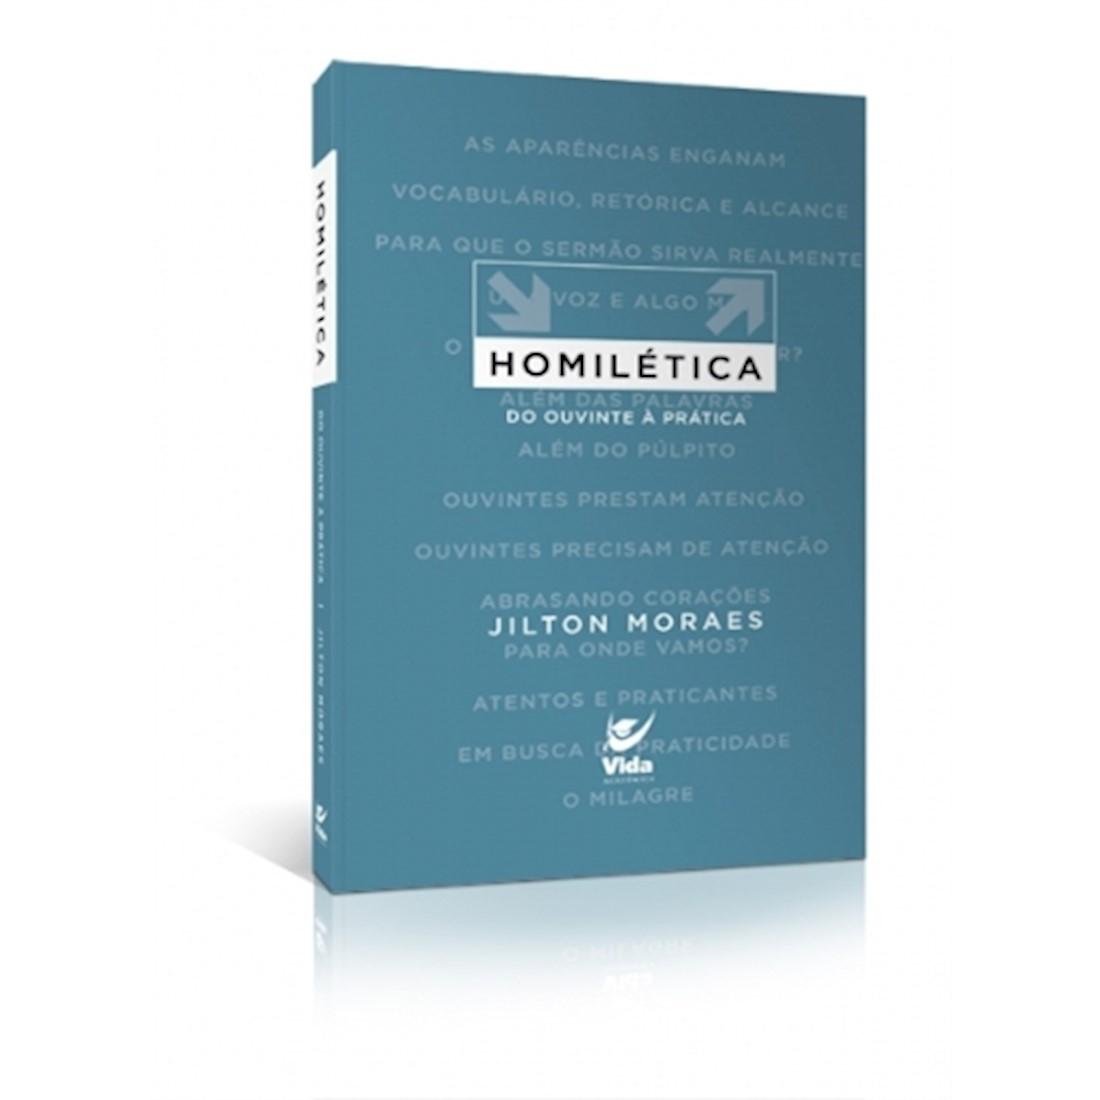 Livro Homilética - Do Ouvinte à Prática